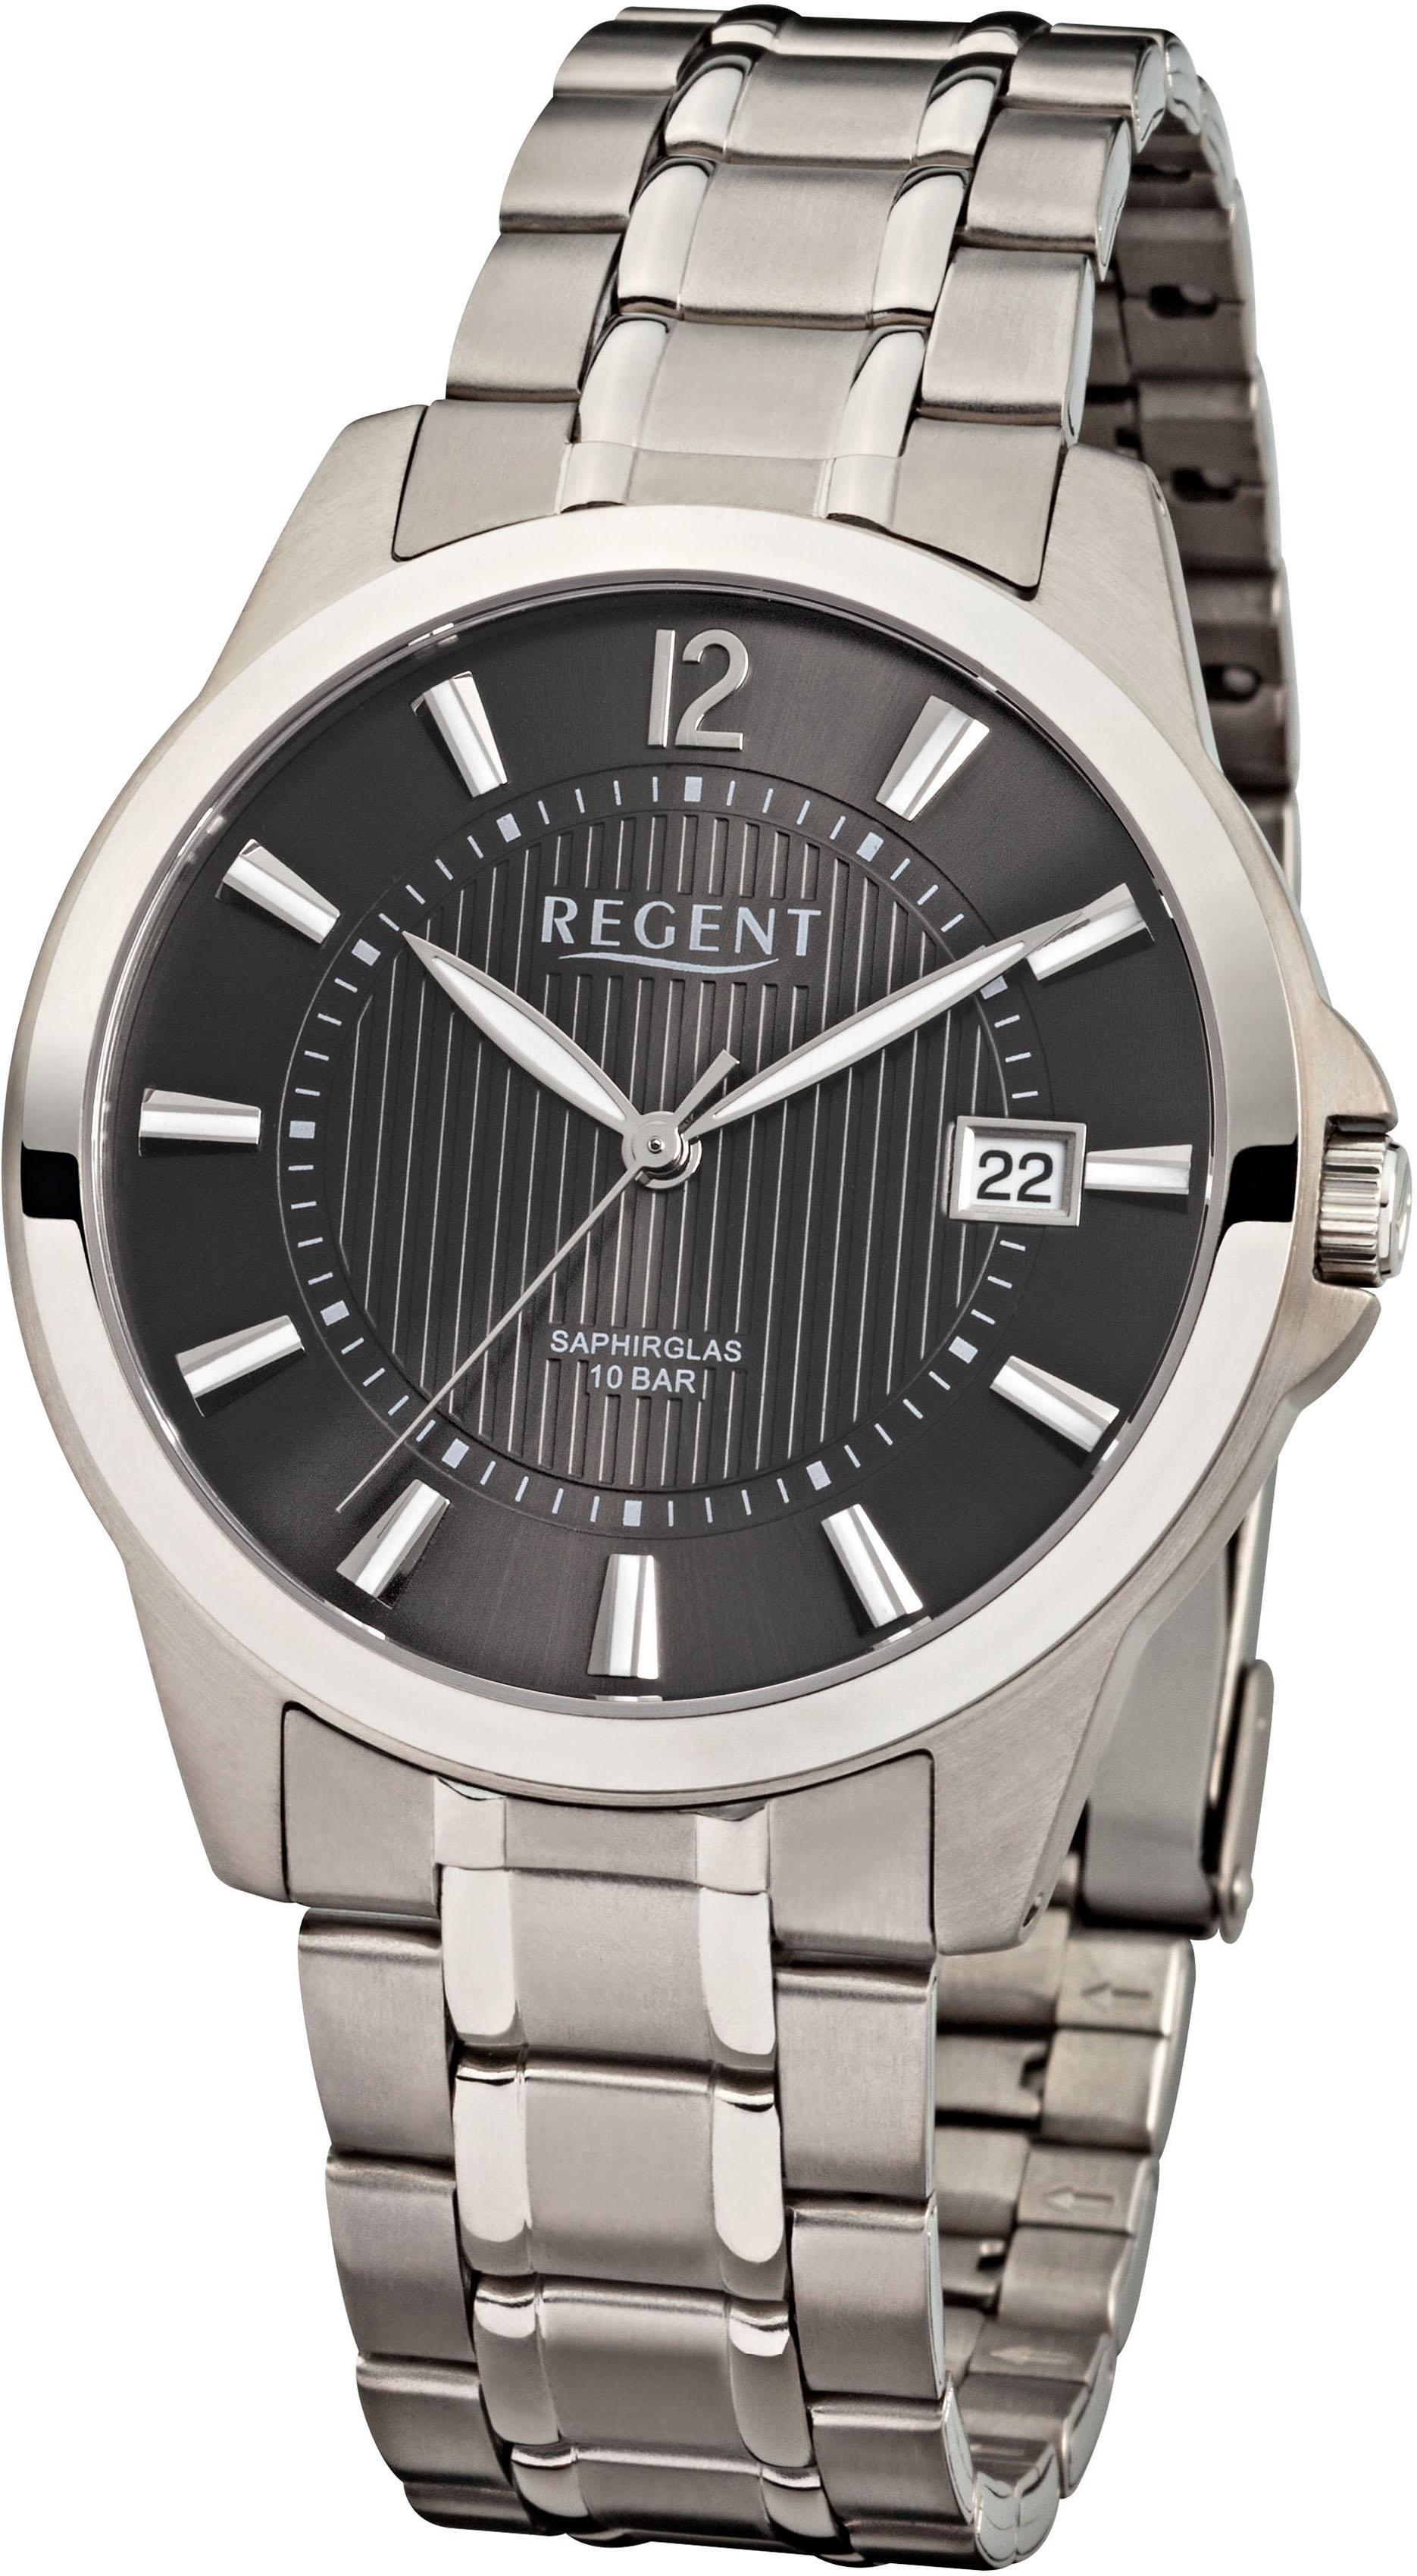 Regent Titanuhr 1768.90.95, F555 günstig online kaufen